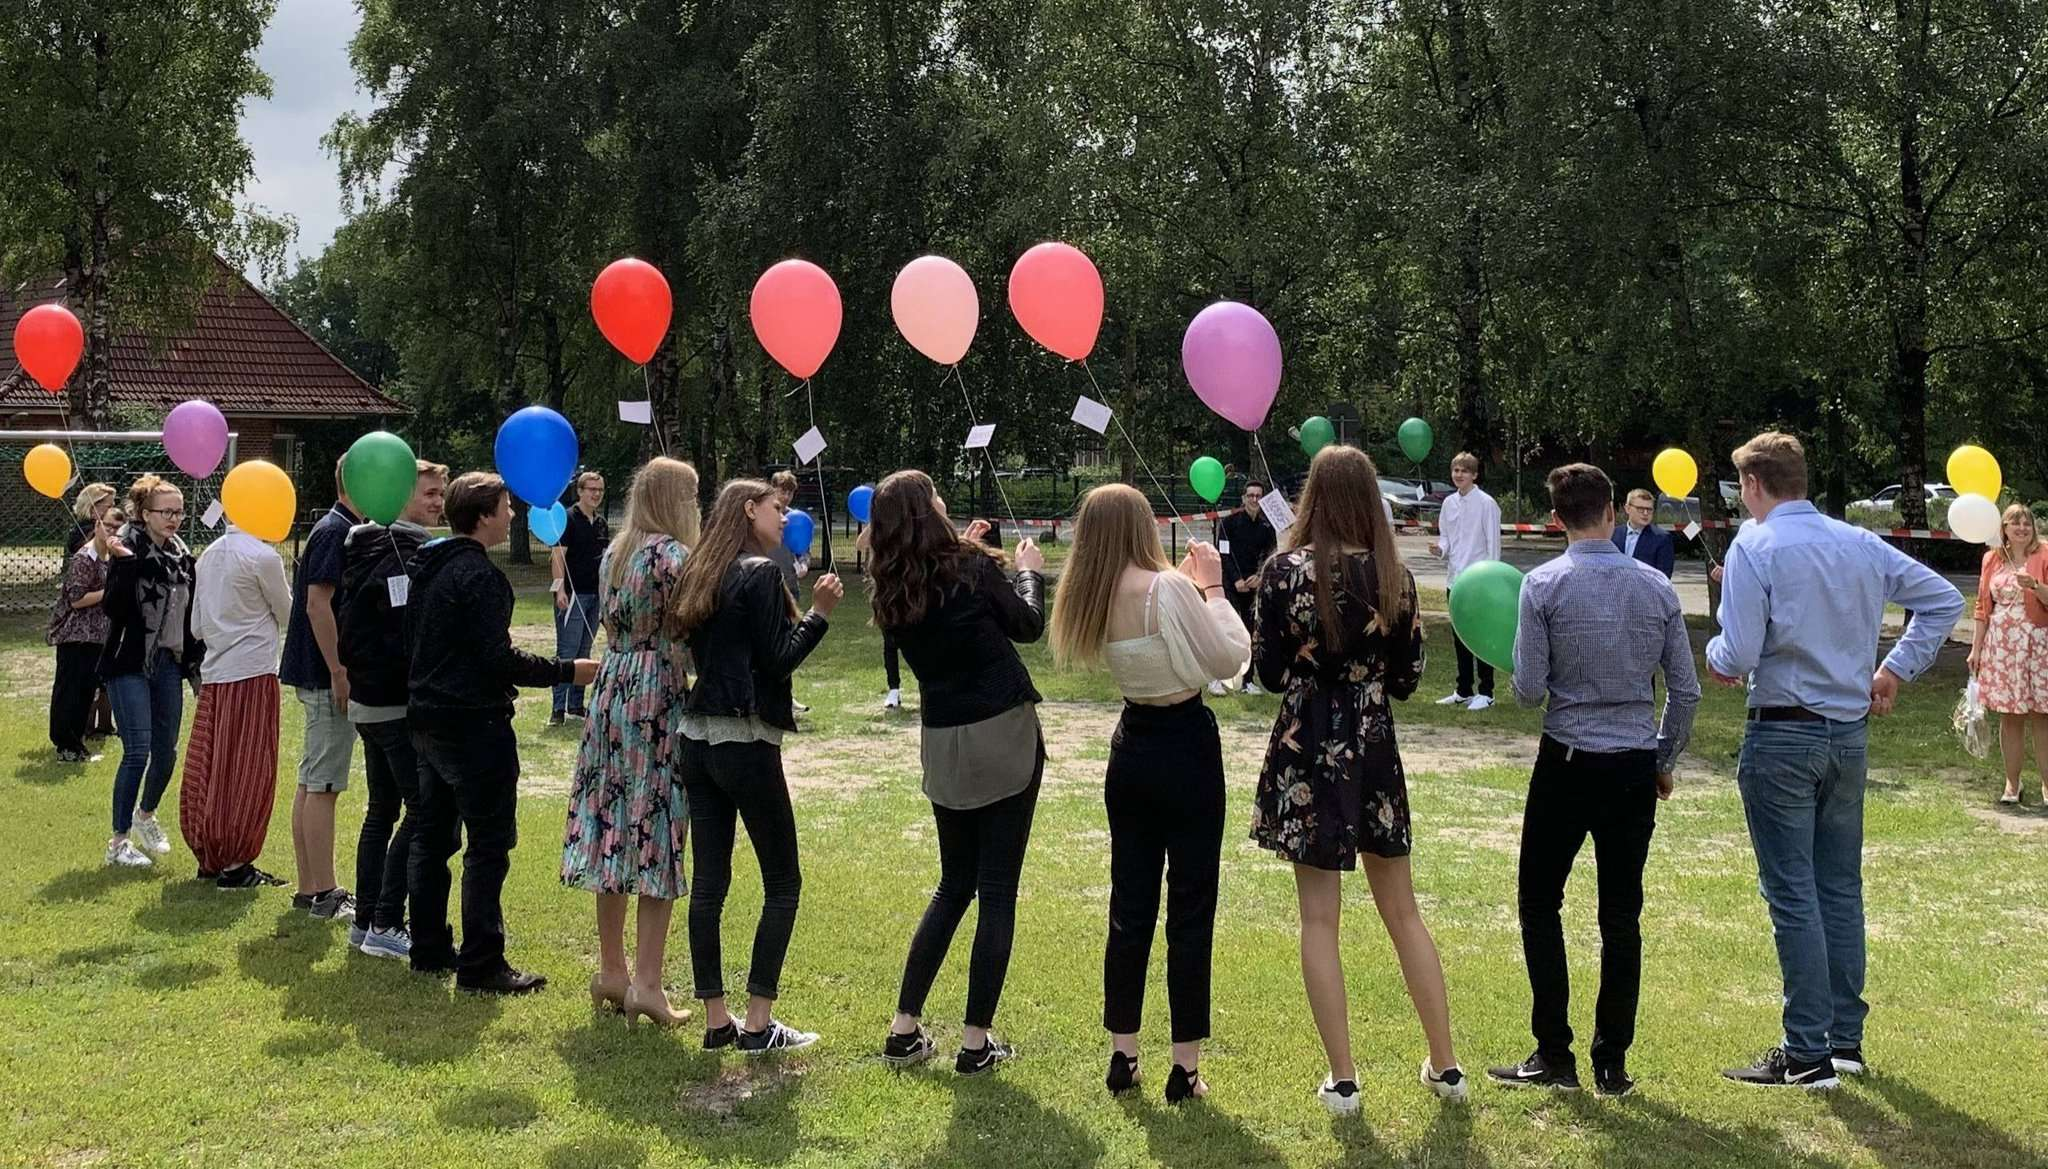 In Erinnerung an die gemeinsame Zeit ließen die Schüler vor der Schule Ballons steigen. Fotos: Lara Wachtmann